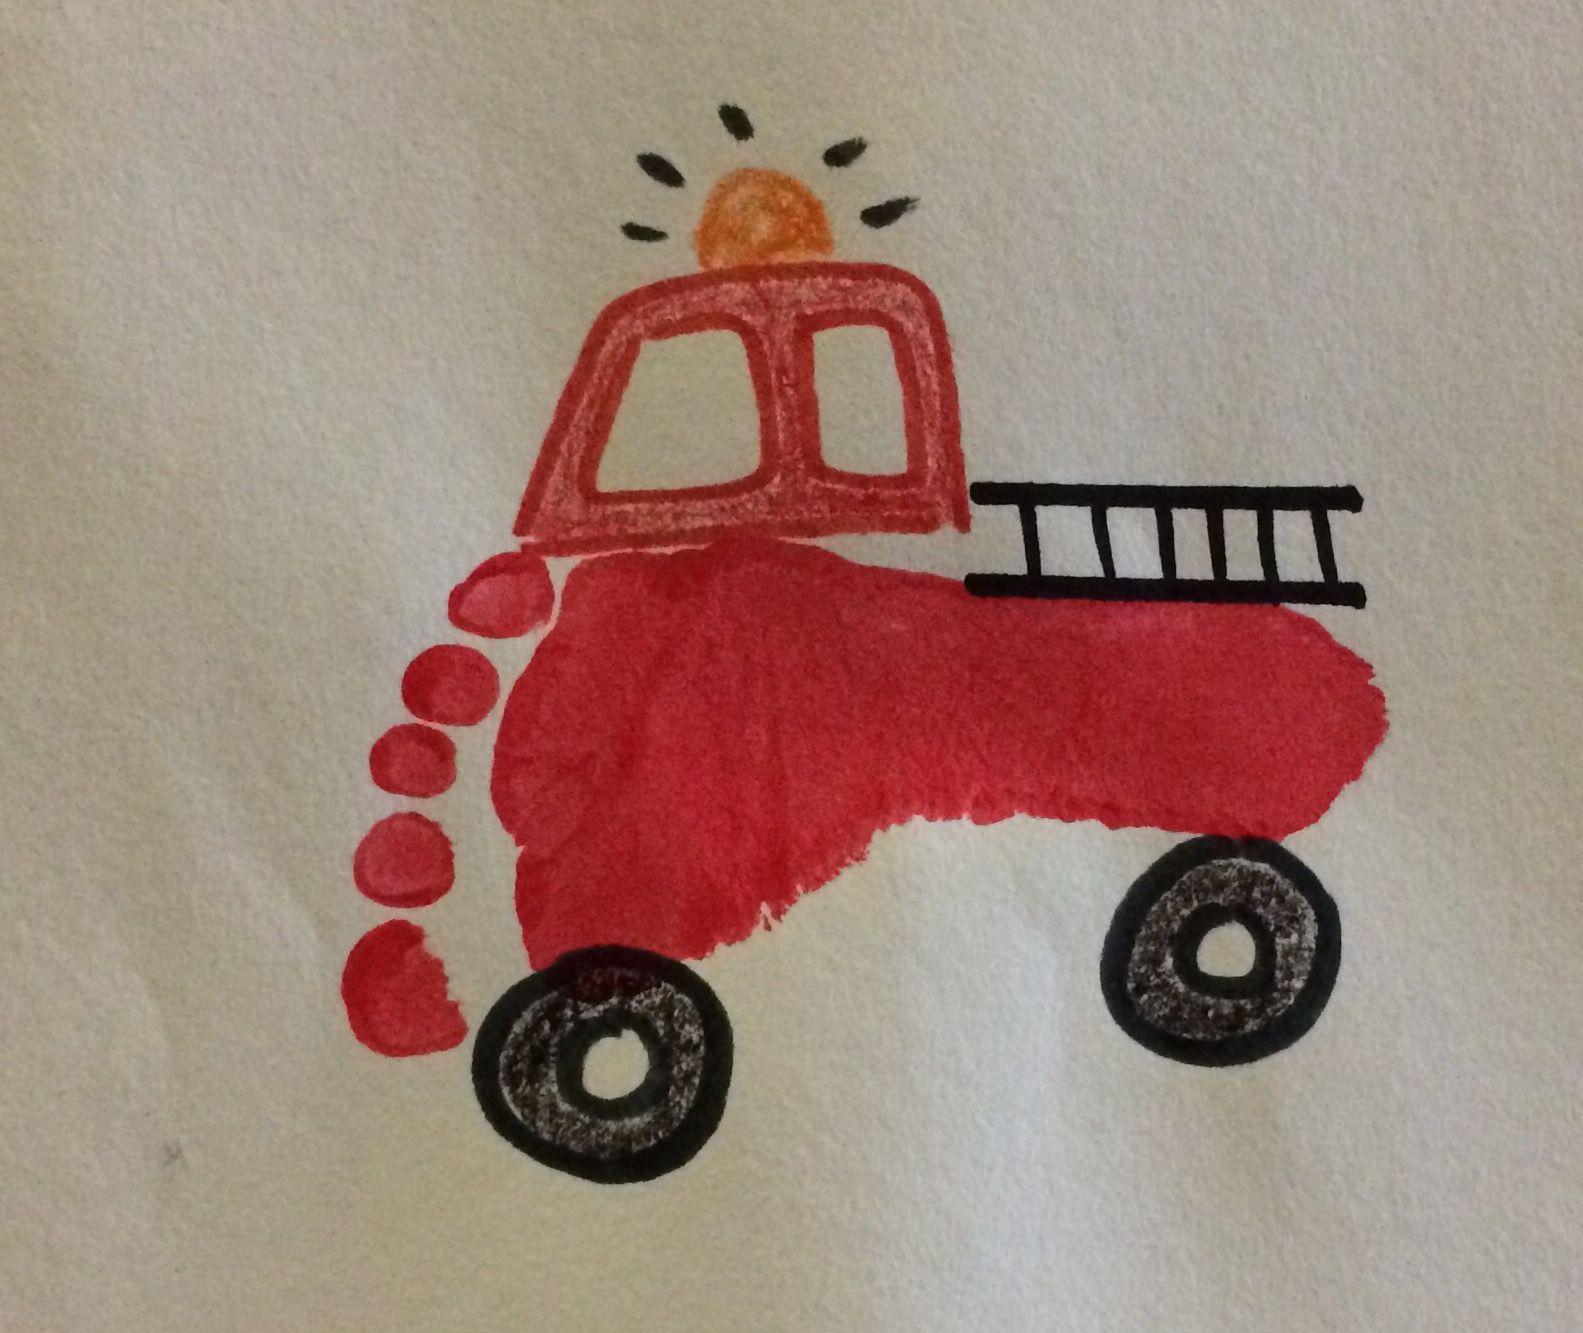 foot print fire truck art footprint and handprint art